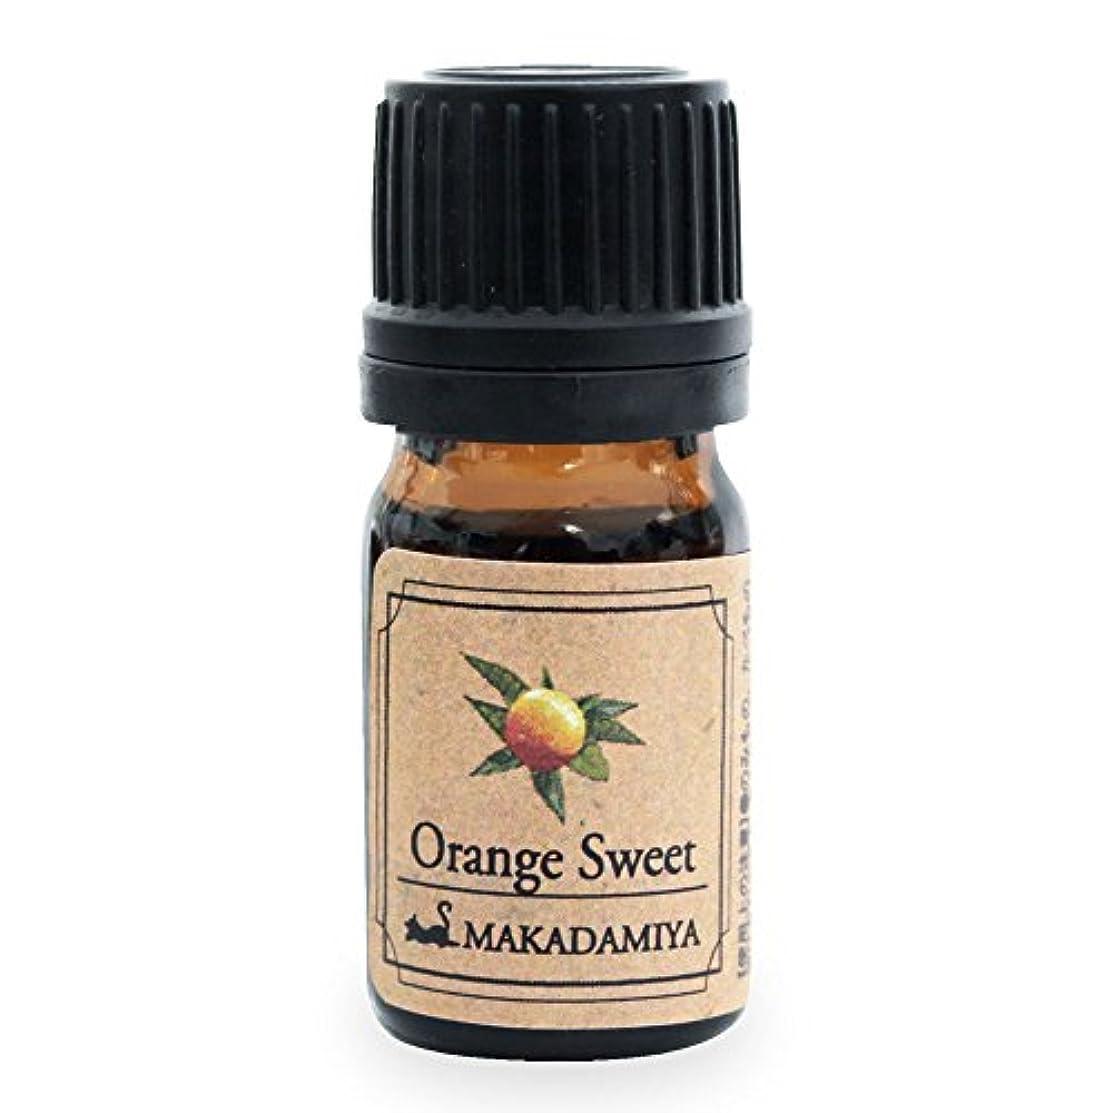 道徳教育パキスタン人限定オレンジ?スイート5ml 天然100%植物性 エッセンシャルオイル(精油) アロマオイル アロママッサージ aroma Orange Sweet